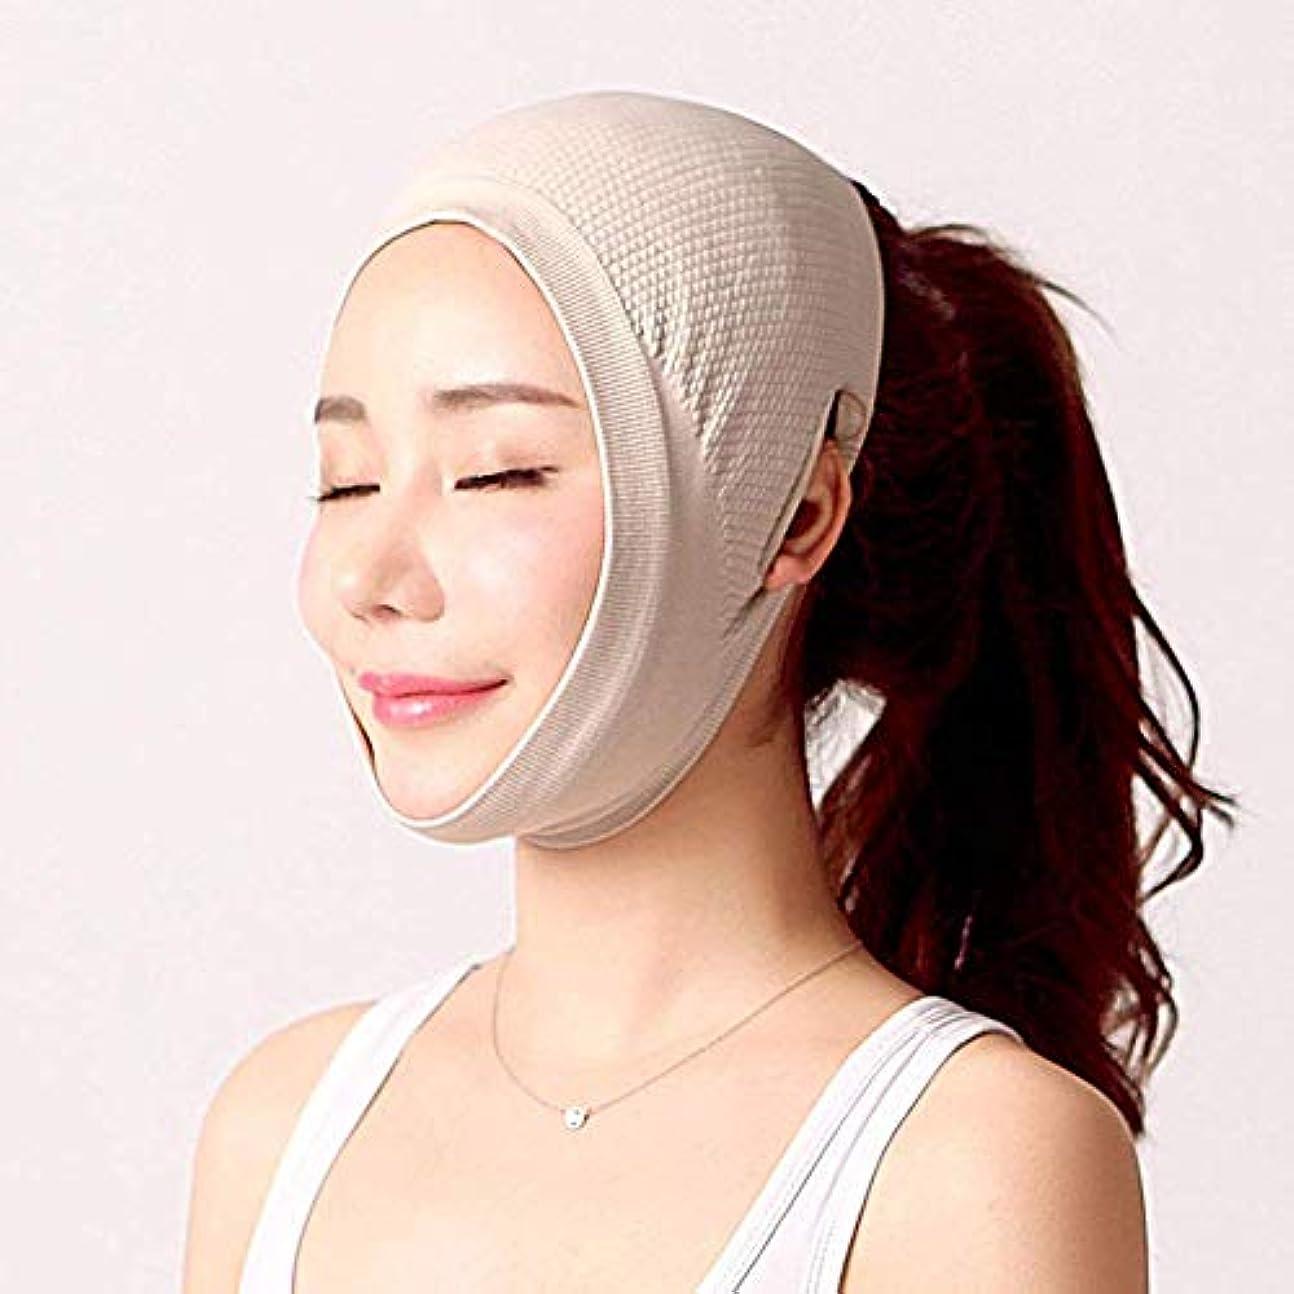 粘着性偽装するジュースフェイスリフトマスク、Vリフトフェイスフェイスリフト包帯痩身あご頬マスク顔/Vフェイスラインフルフェイス痩身/二重あご通気性